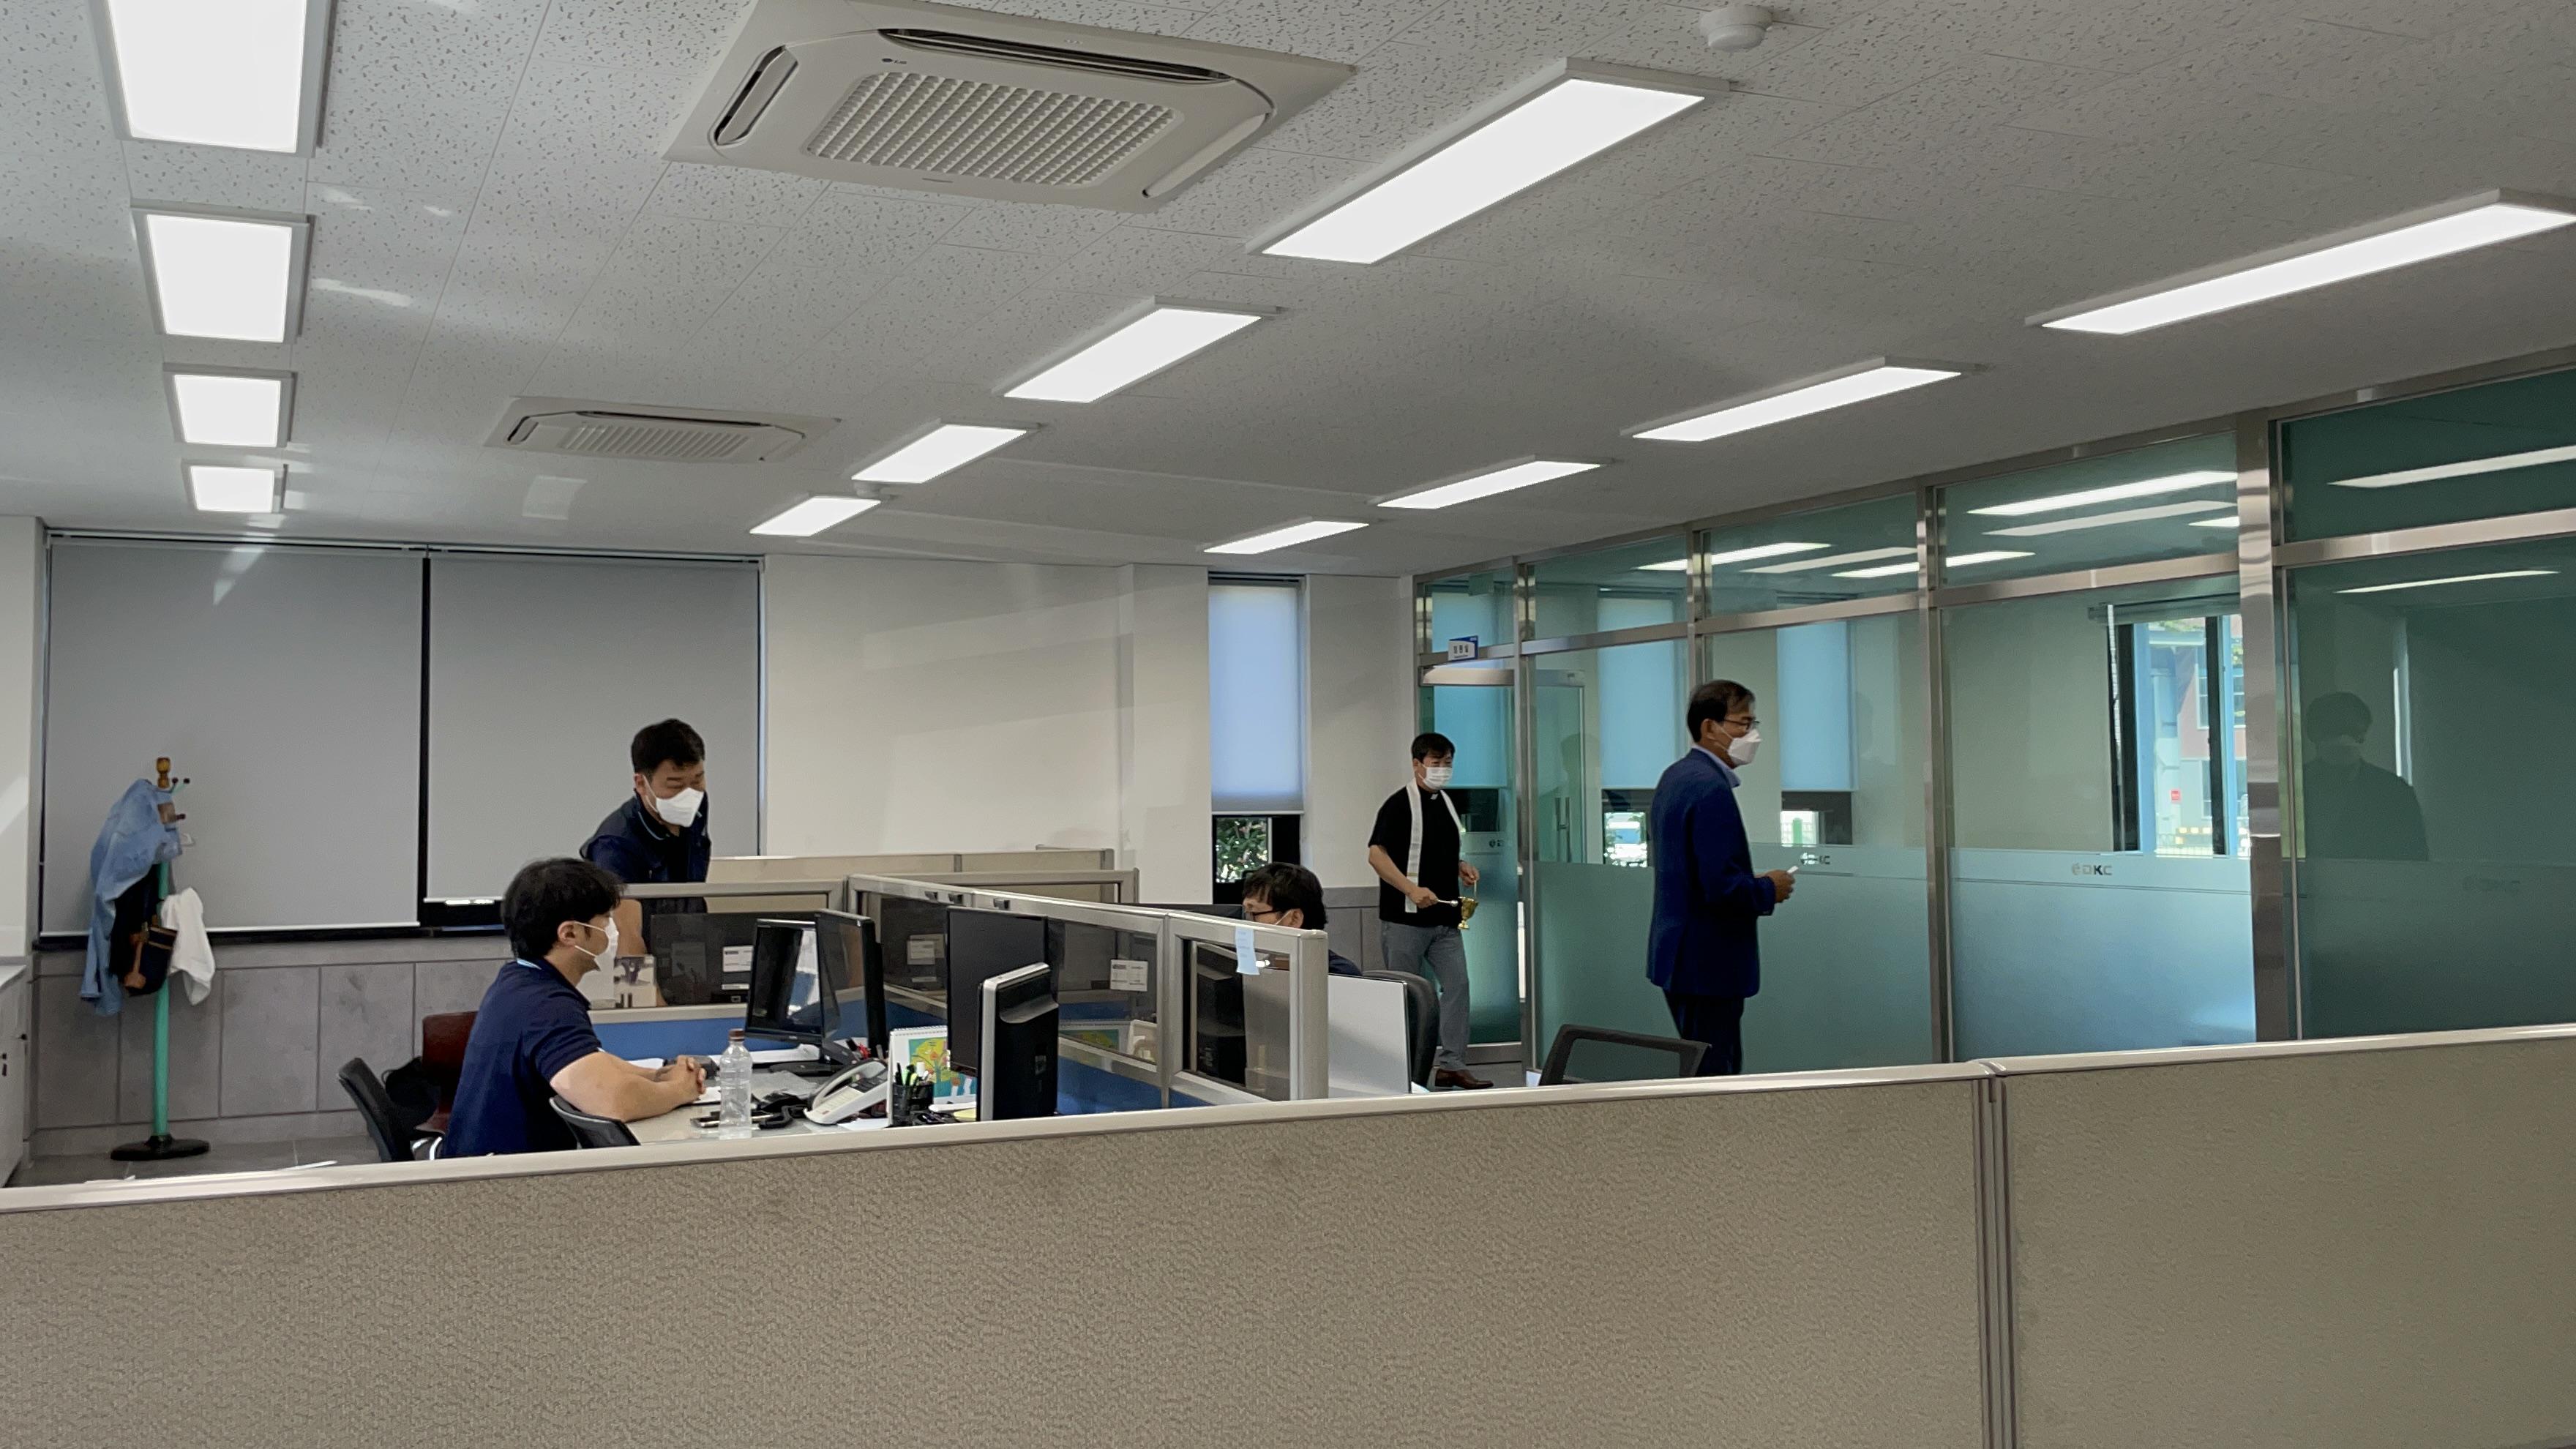 2021-10-01 교우사업장 축복식(대경기업) (18).jpg